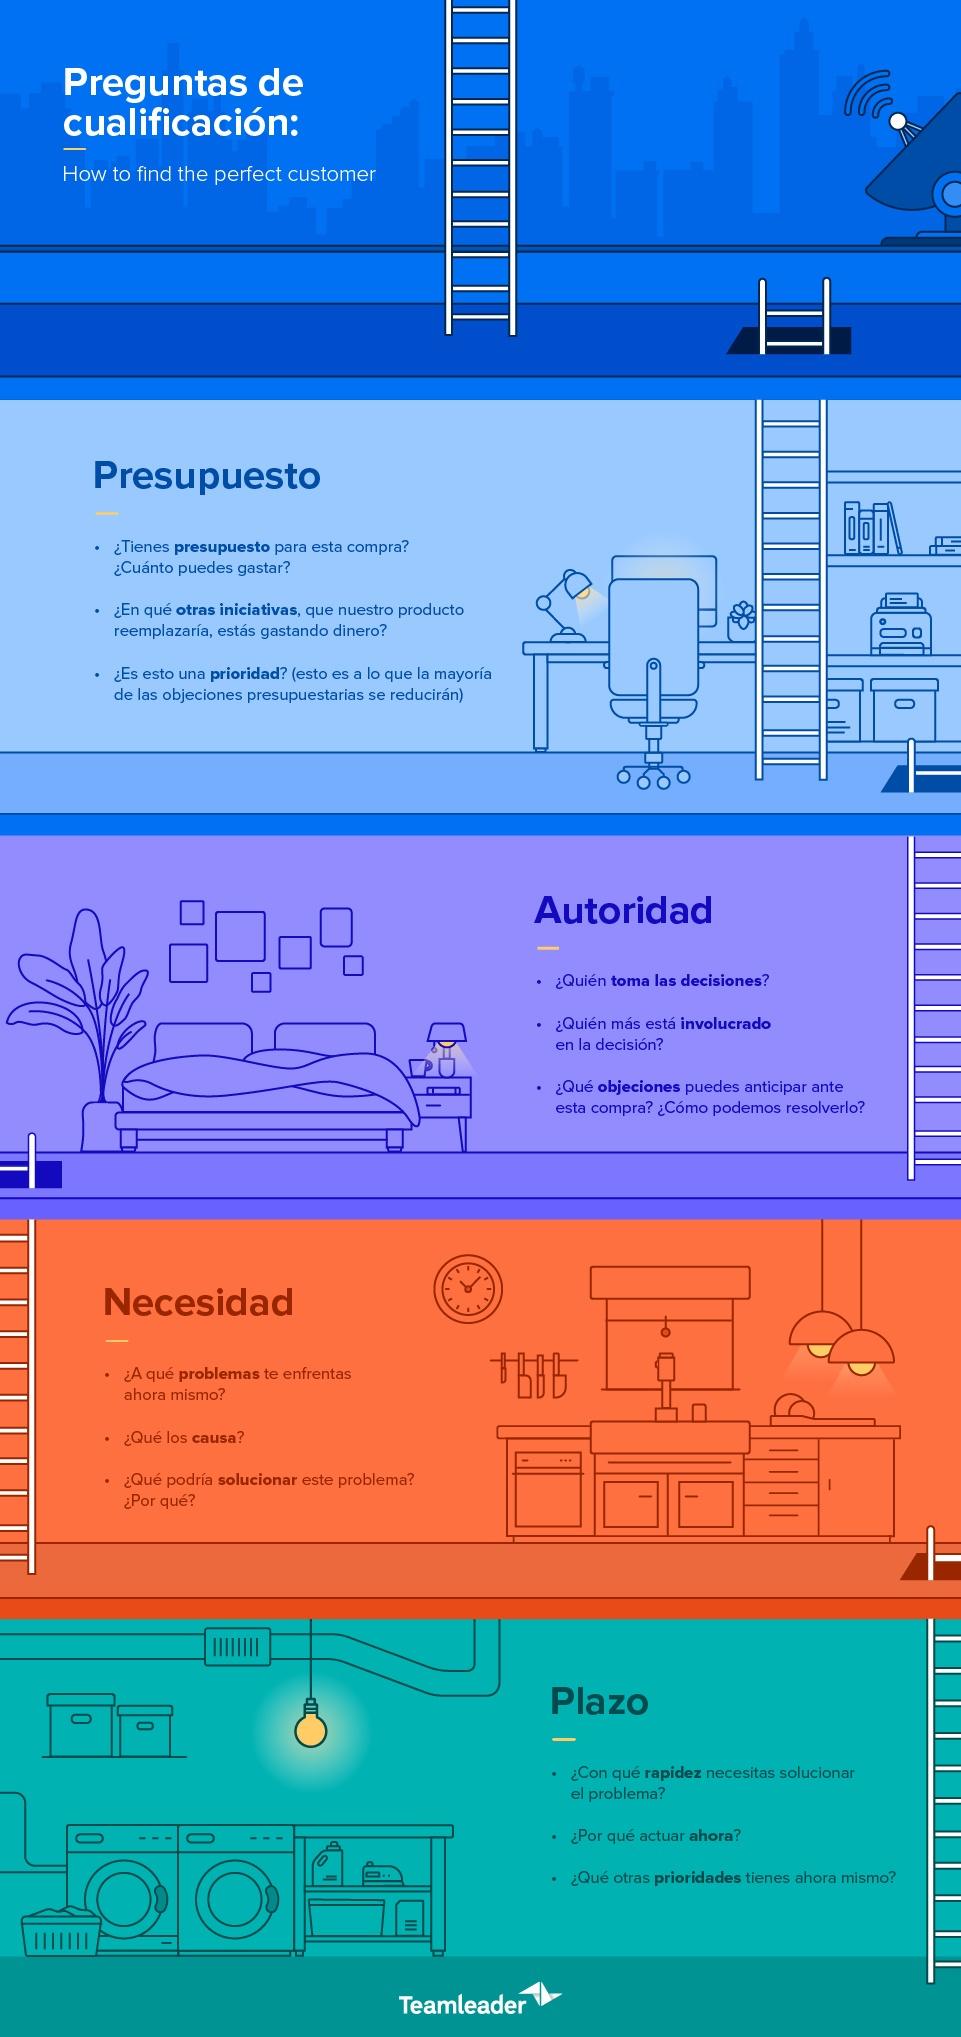 Blog3_QualifyLeads_Infographic_ES.jpg